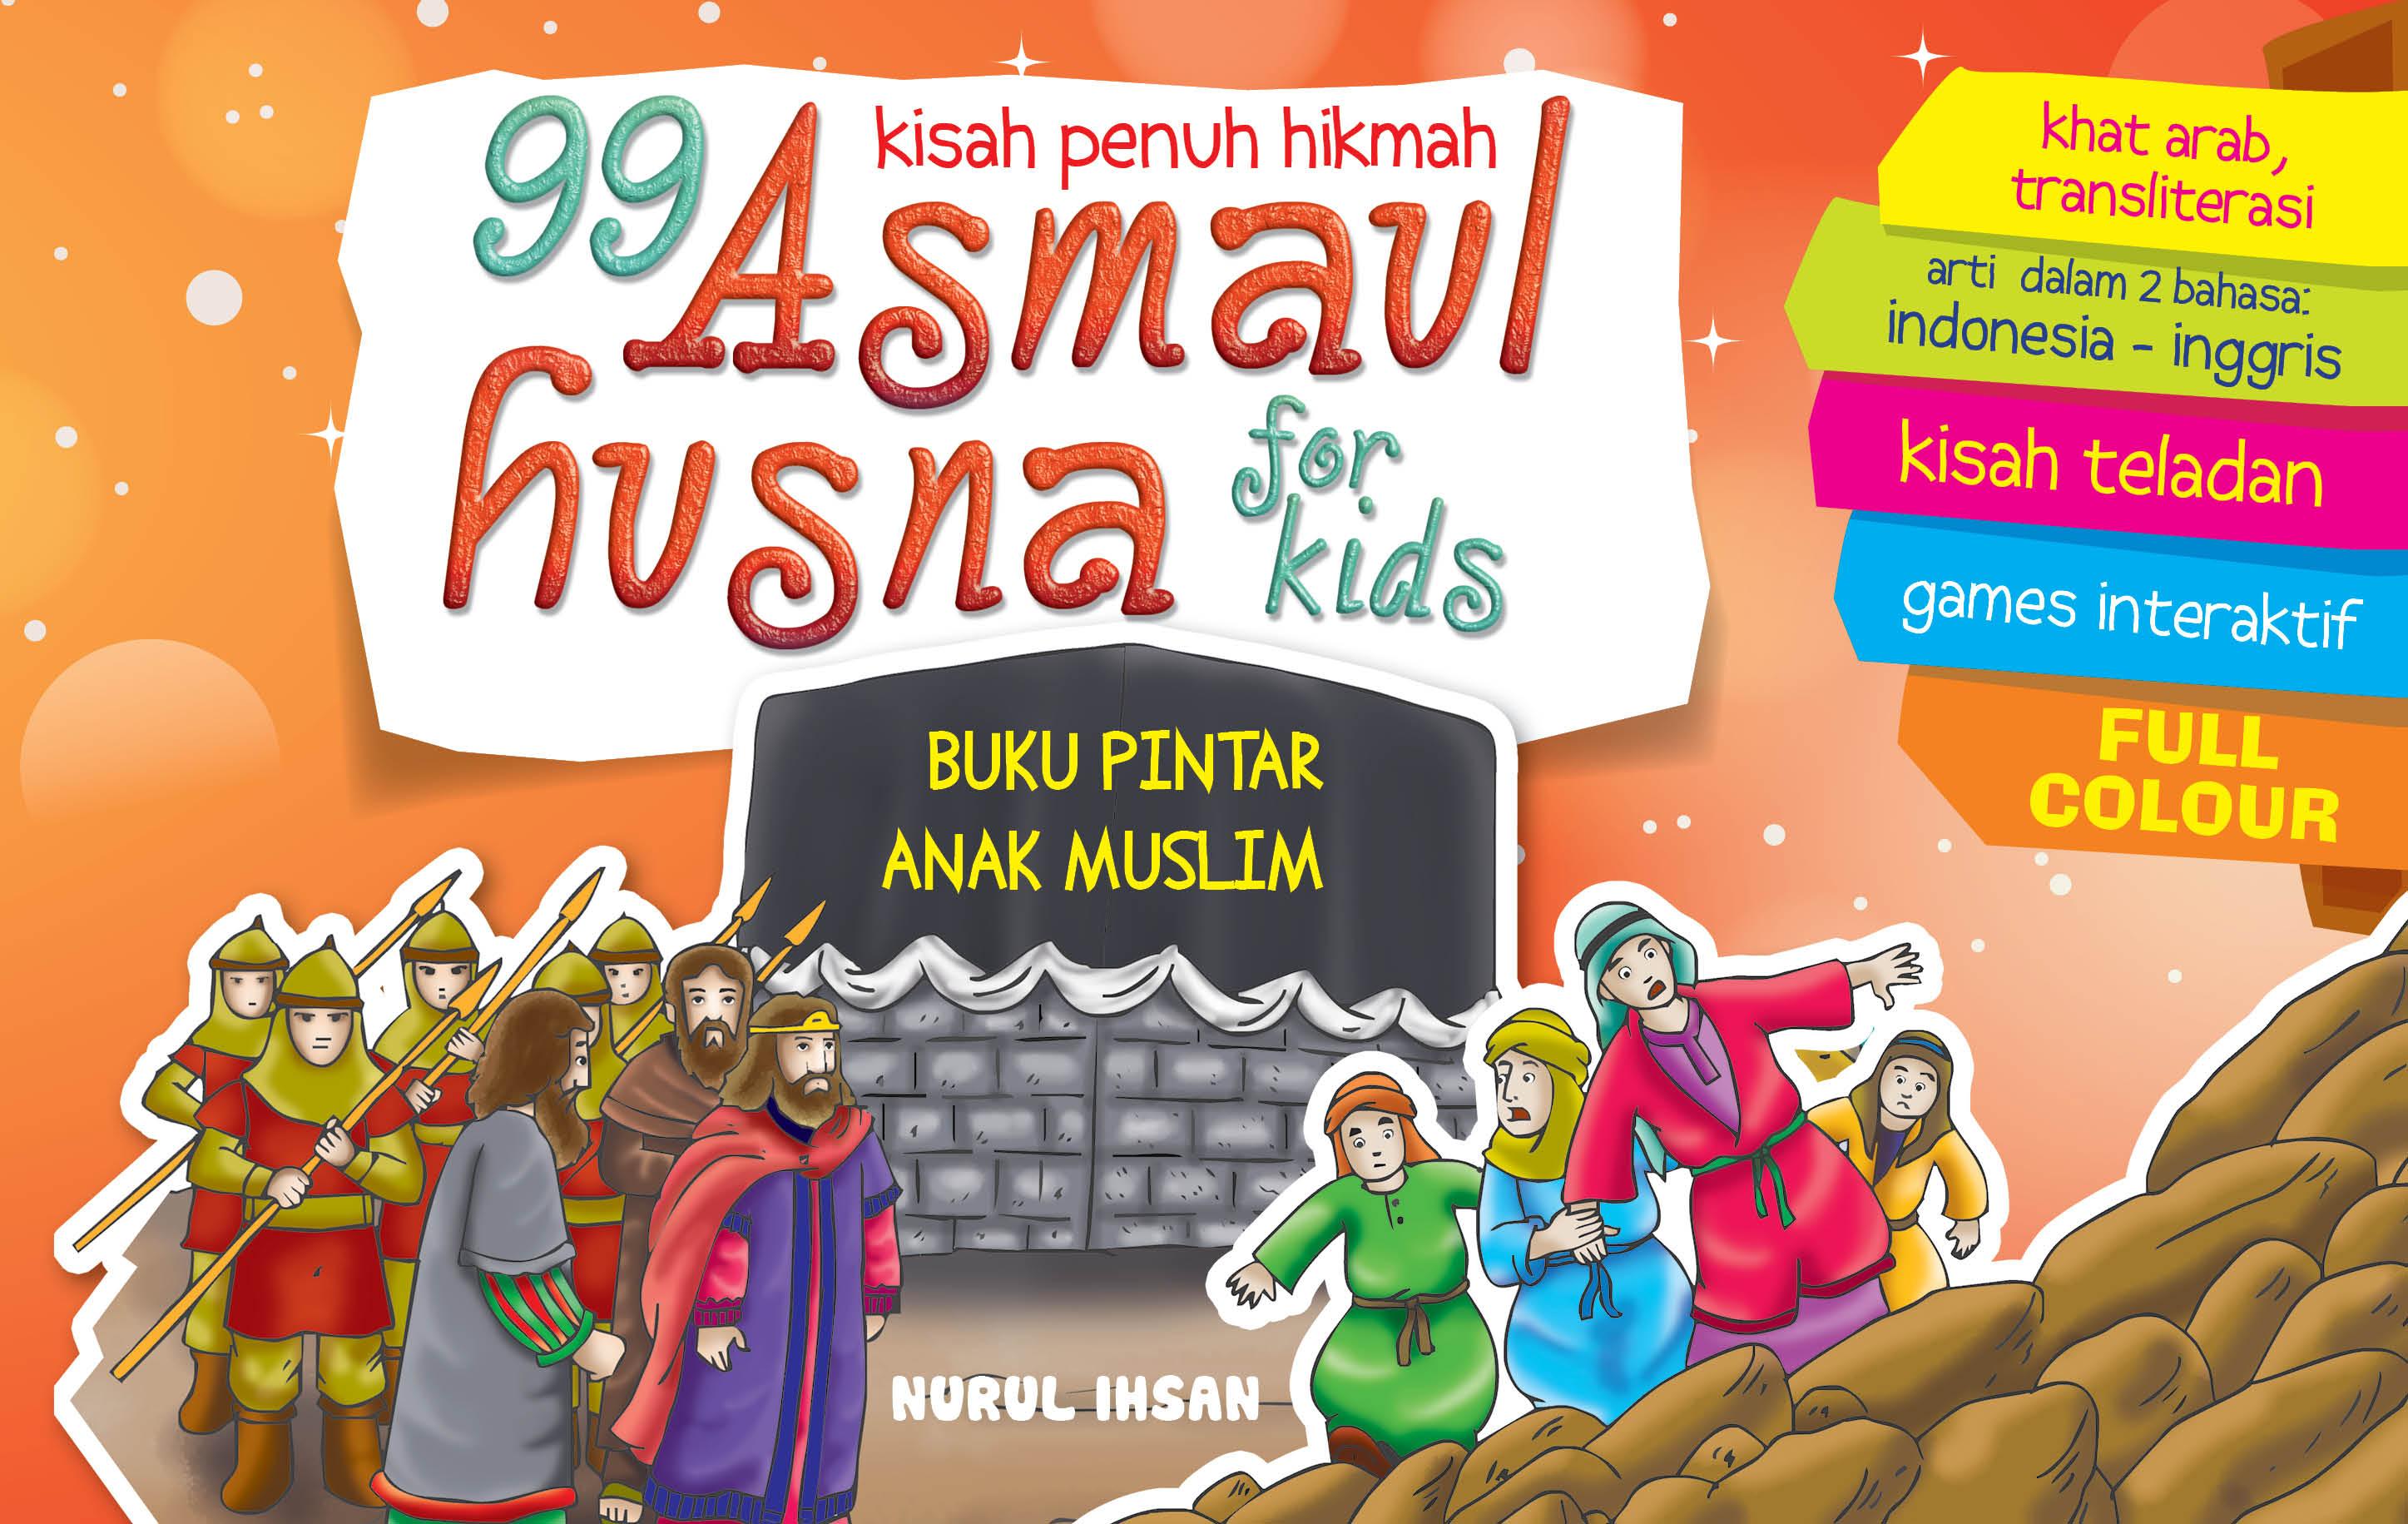 Download Ebook 99 Kisah Penuh Hikmah Asmaul Husna for Kids